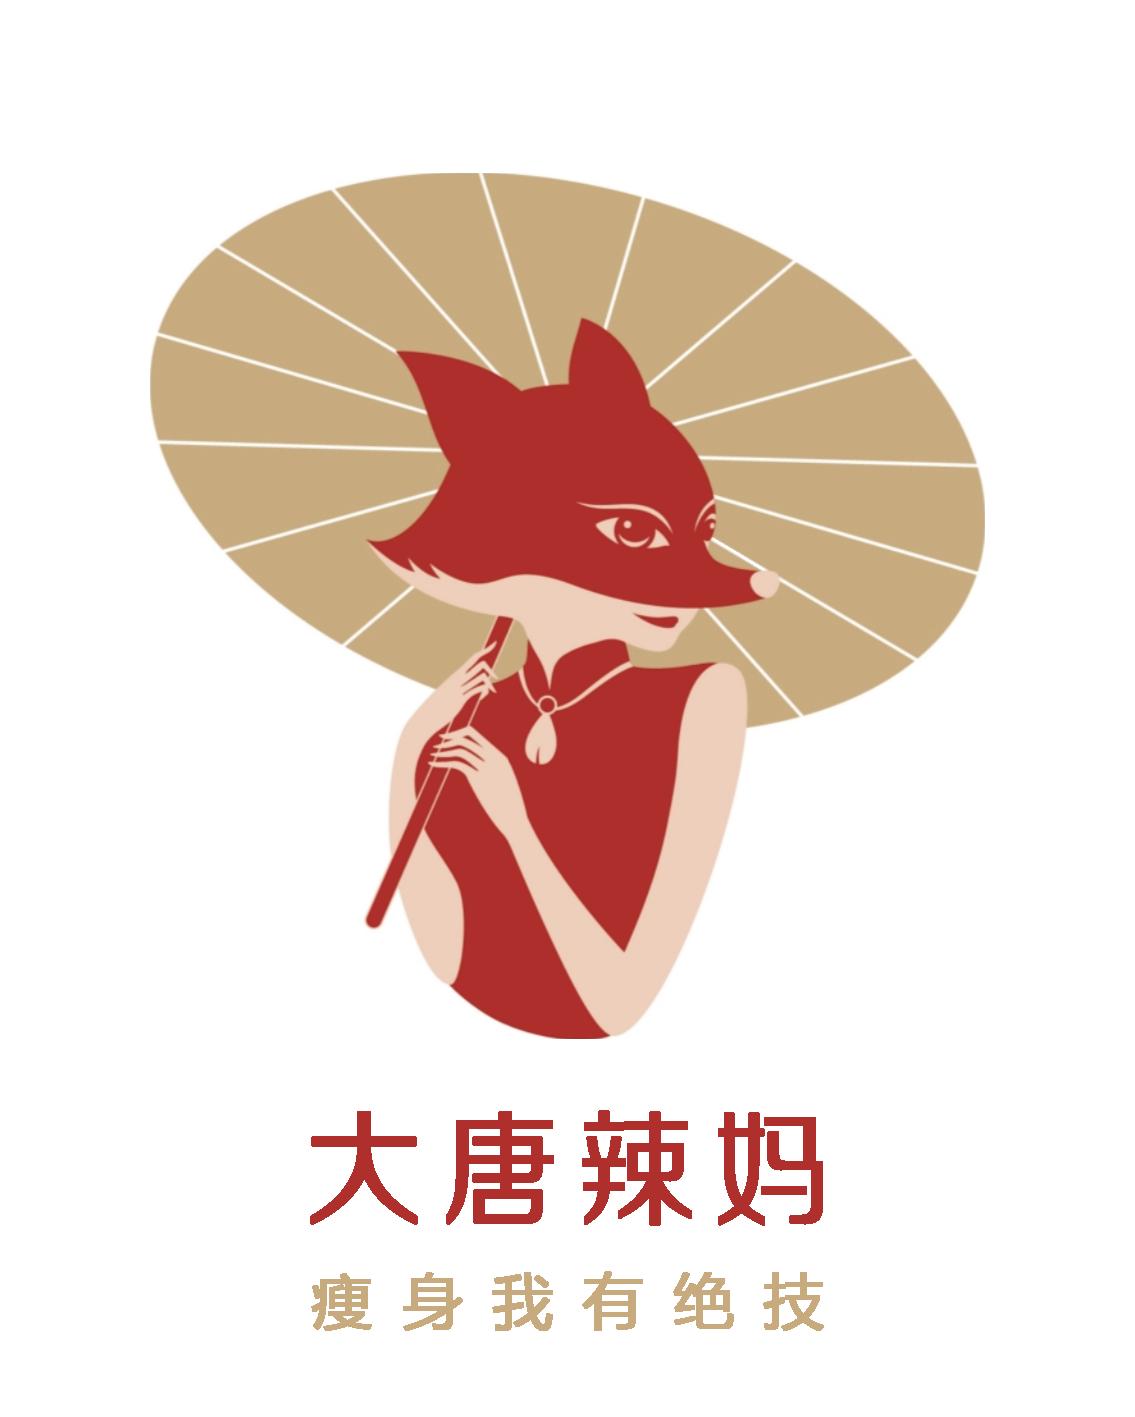 深圳市暴牙兔电子商务有限公司